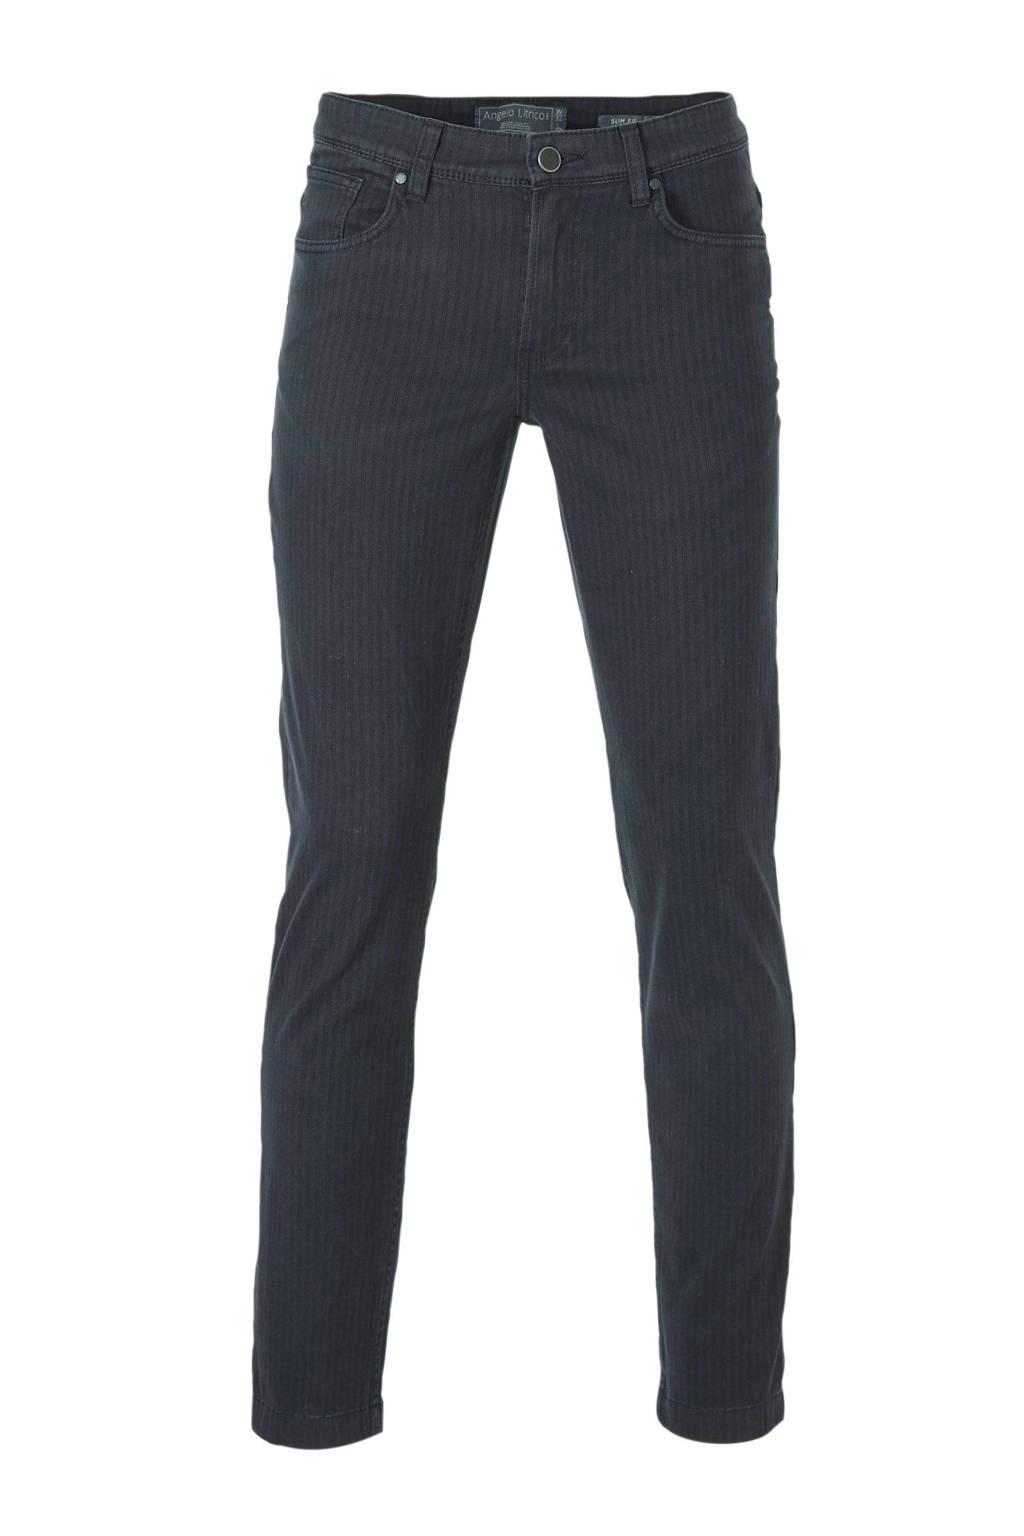 C&A Angelo Litrico gestreepte slim fit broek donkerblauw, Donkerblauw